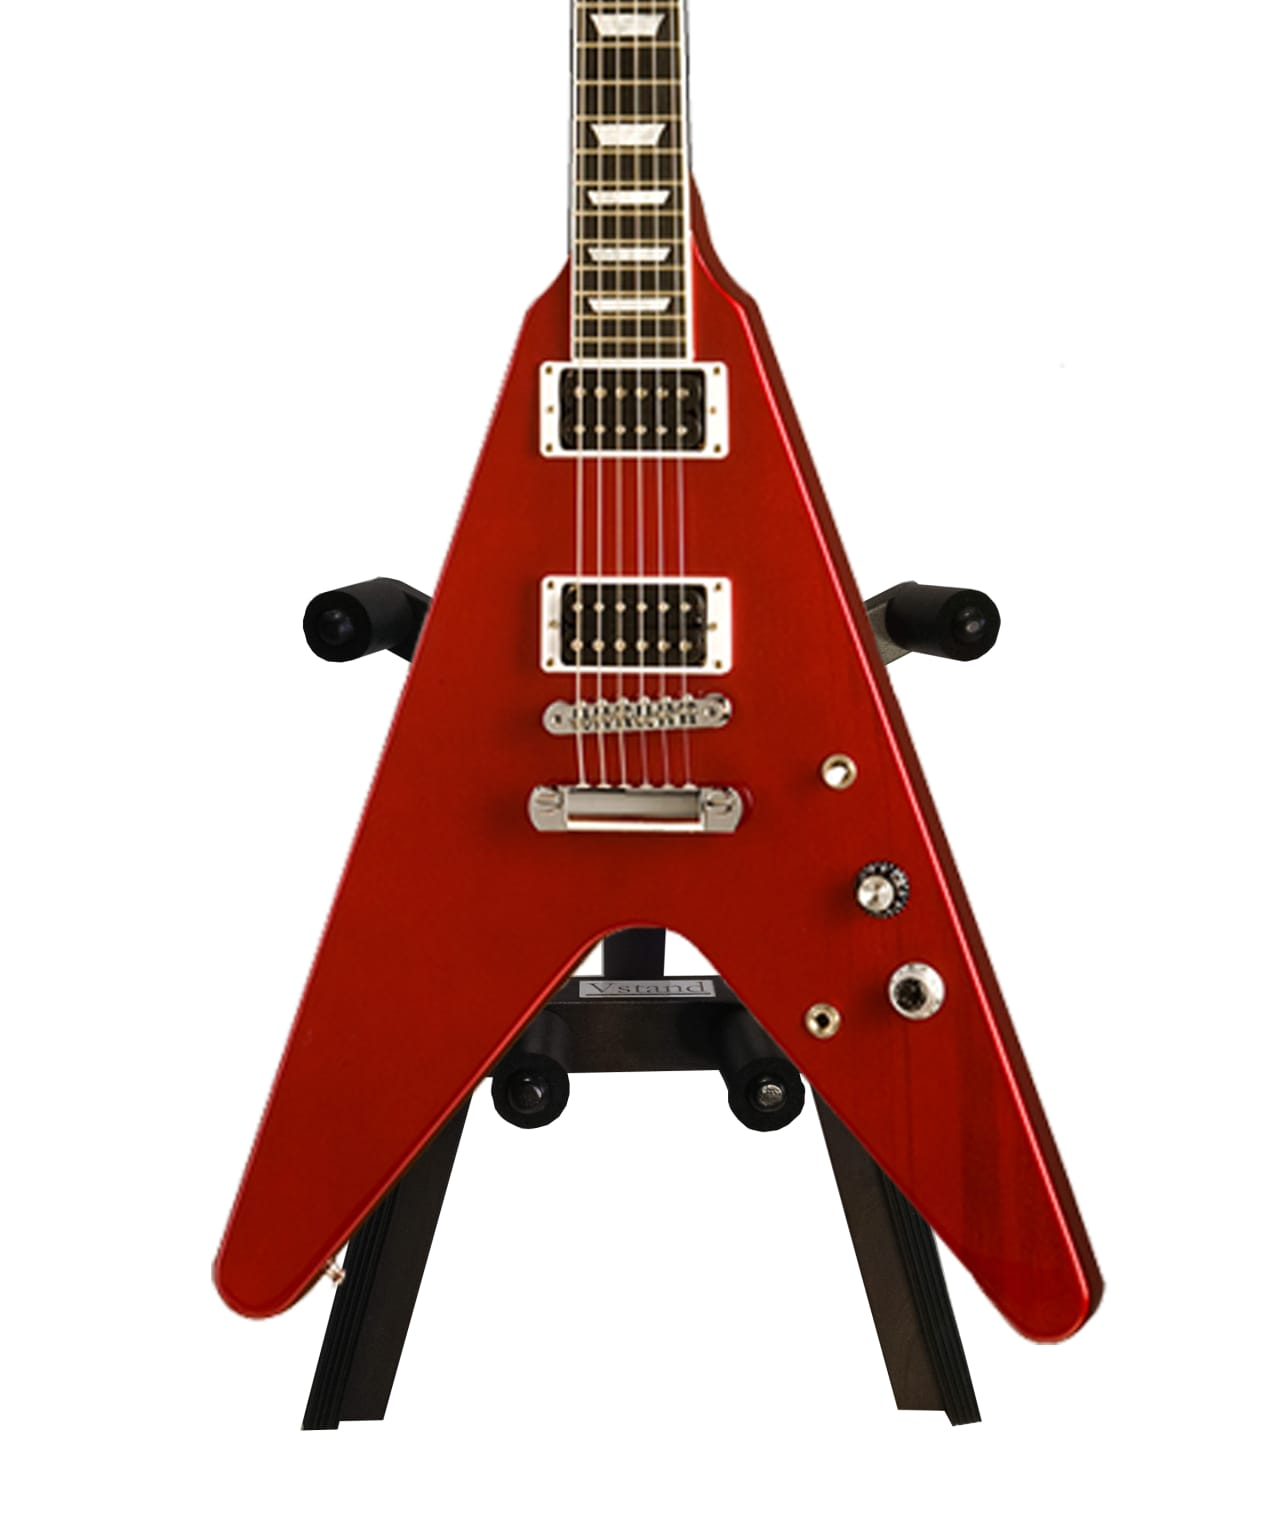 flying v universal guitar stand solid mahogany vstand reverb. Black Bedroom Furniture Sets. Home Design Ideas